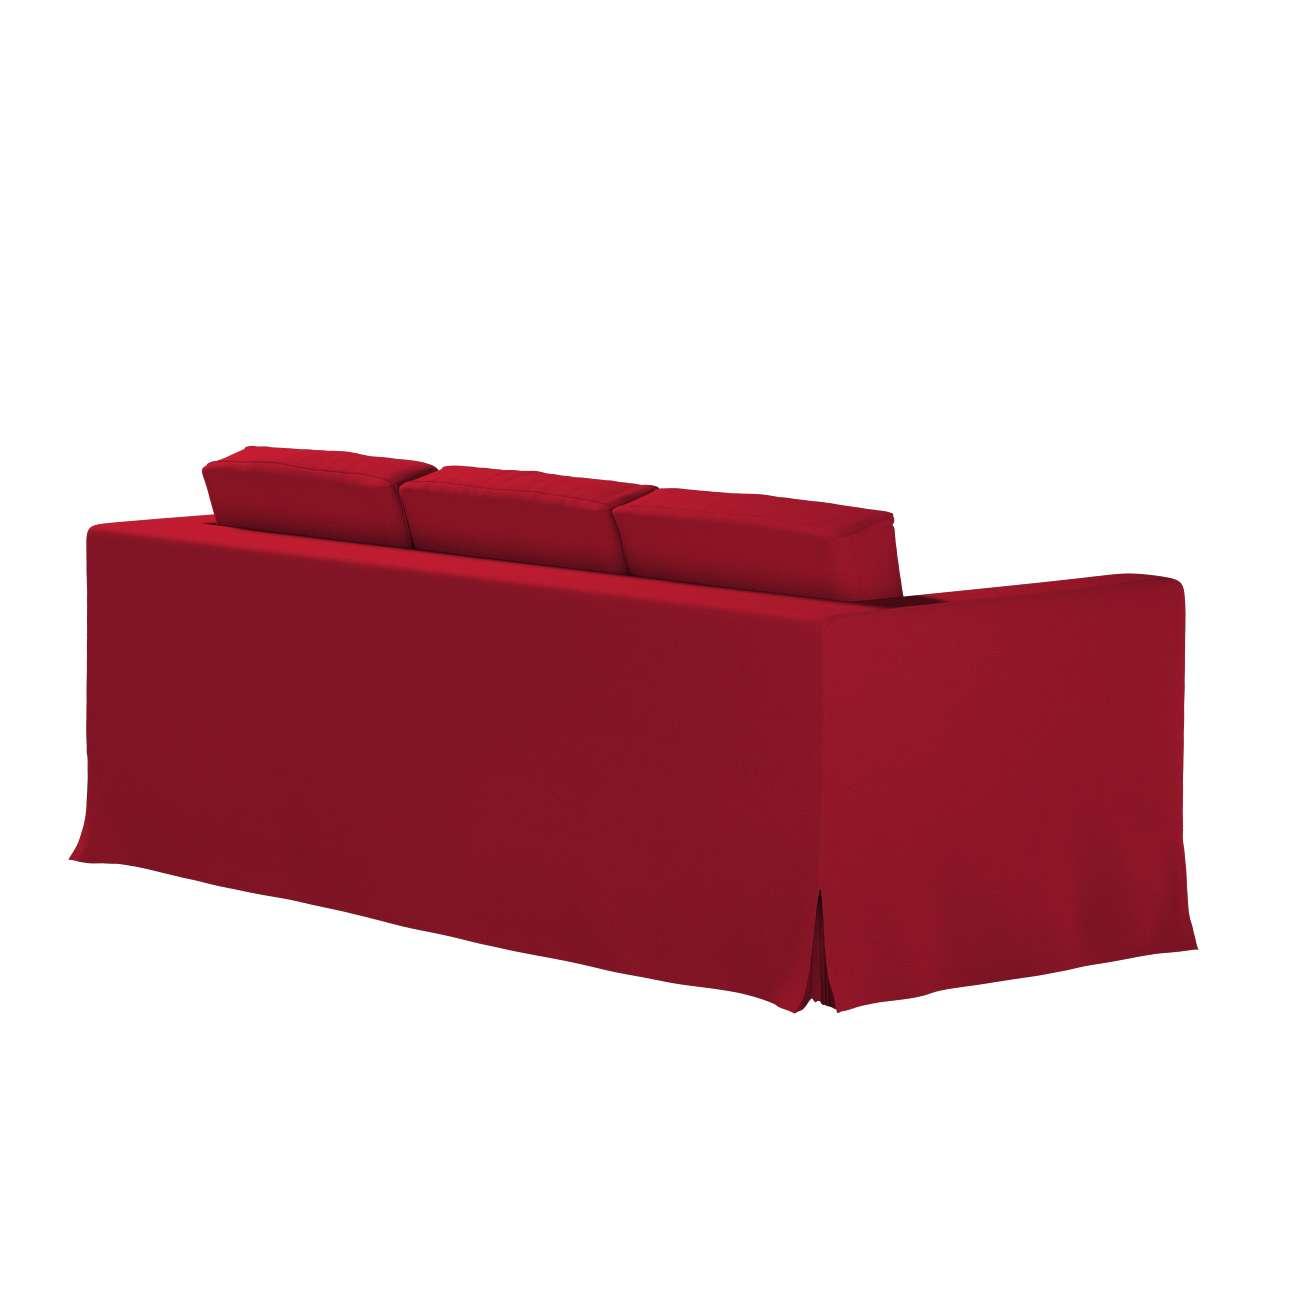 Karlanda klädsel 3-sits soffa - lång i kollektionen Etna, Tyg: 705-60